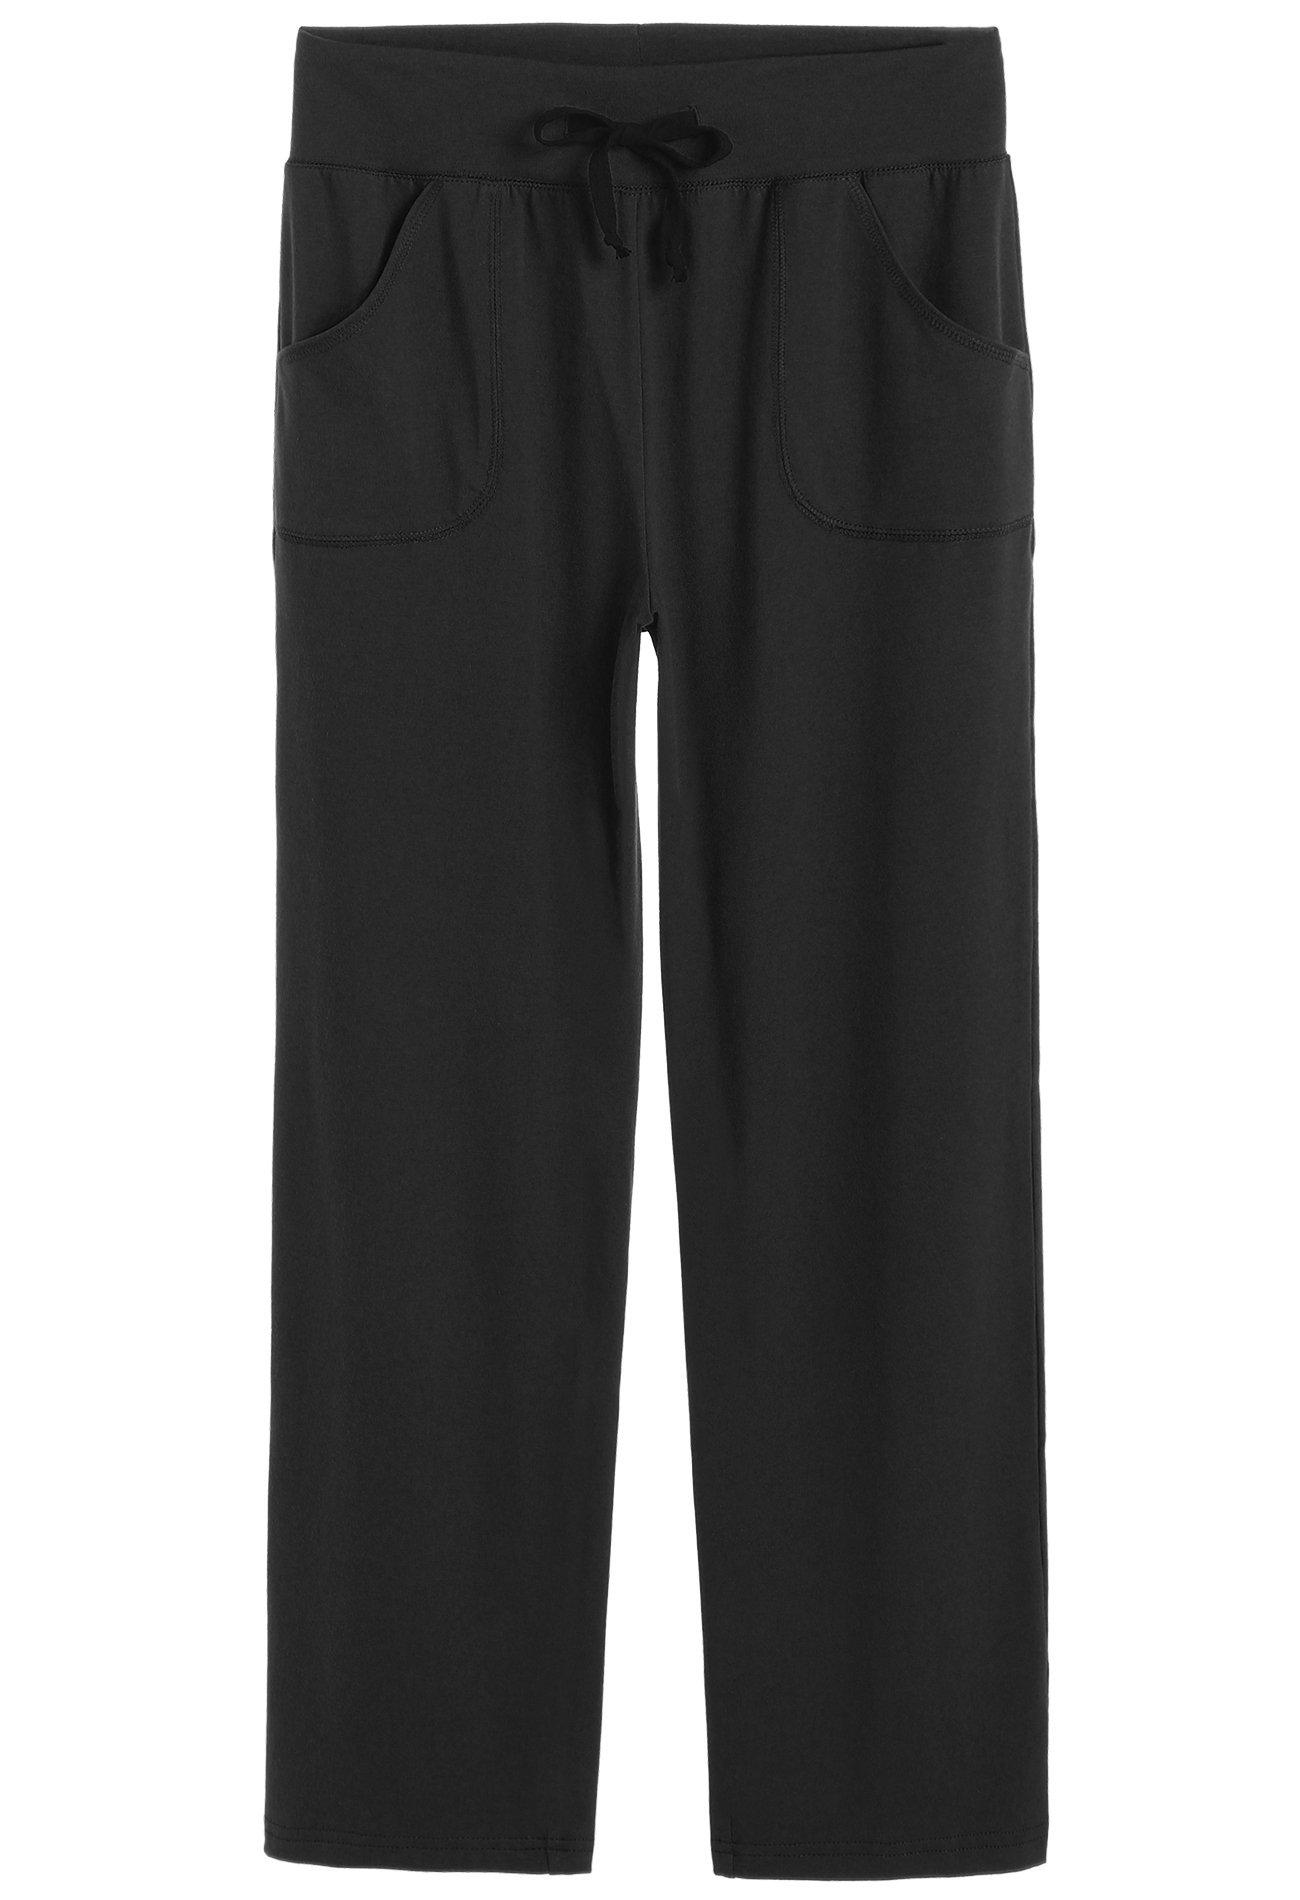 Latuza Women's Cotton Lounge Pants, Black, X-Large by Latuza